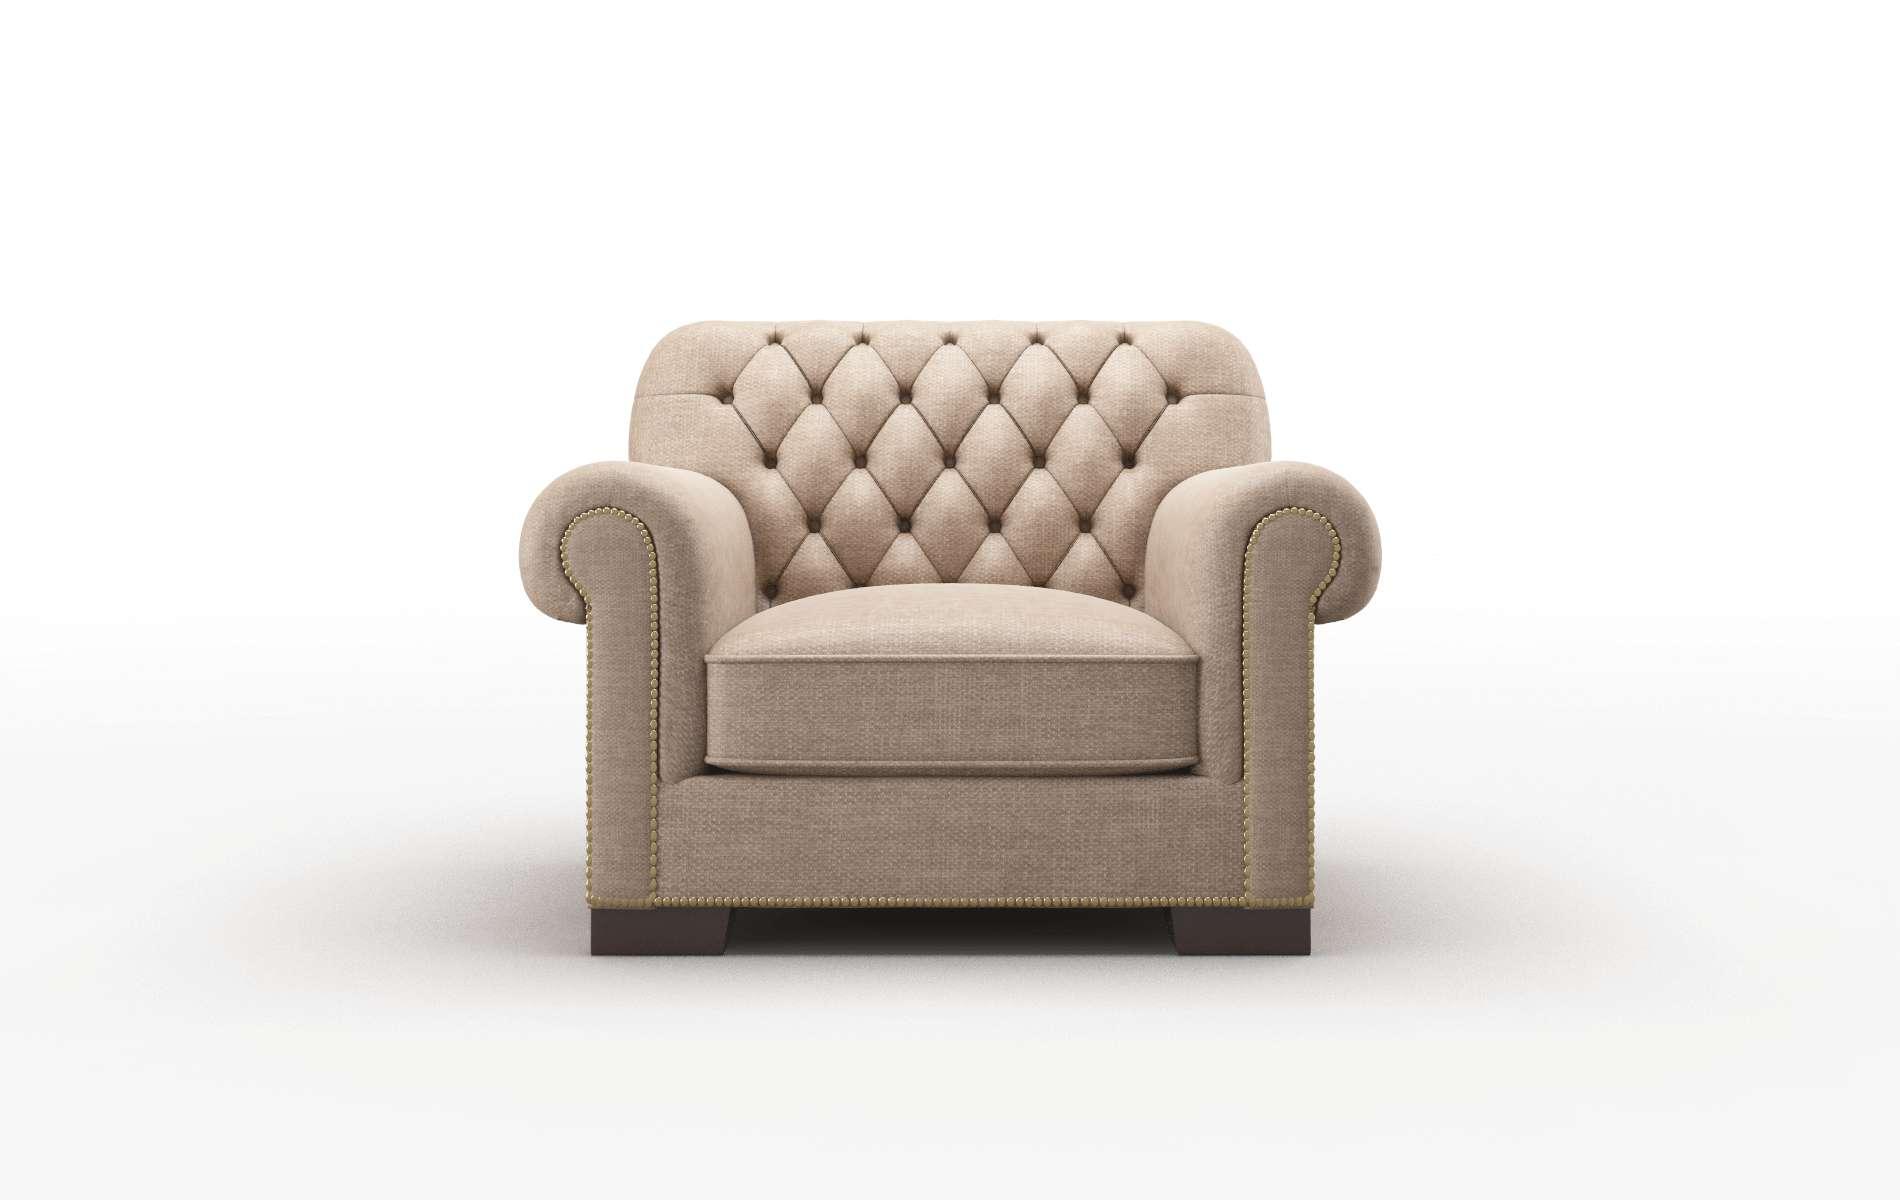 Chester Keylargo Mink Chair espresso legs 1